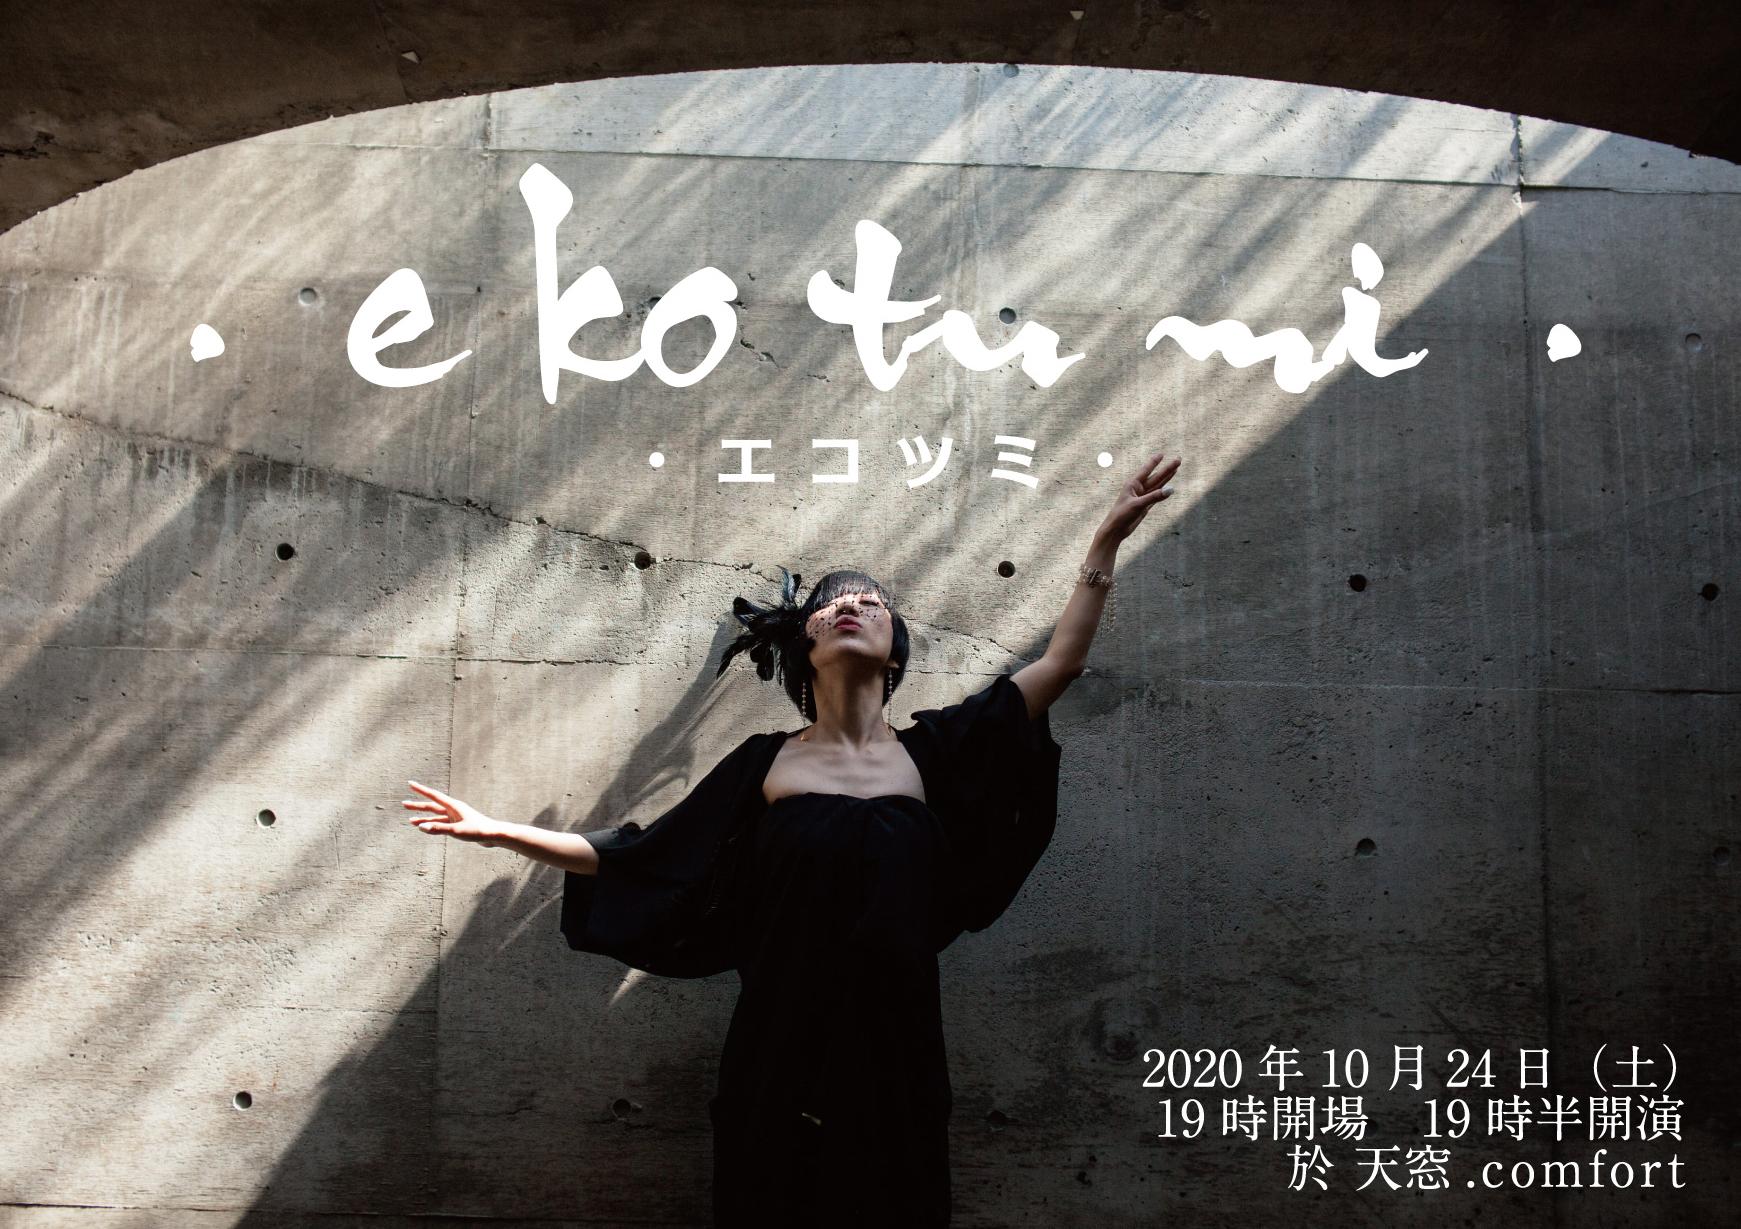 10月24日オンラインライブ live streaming on 24th Oct